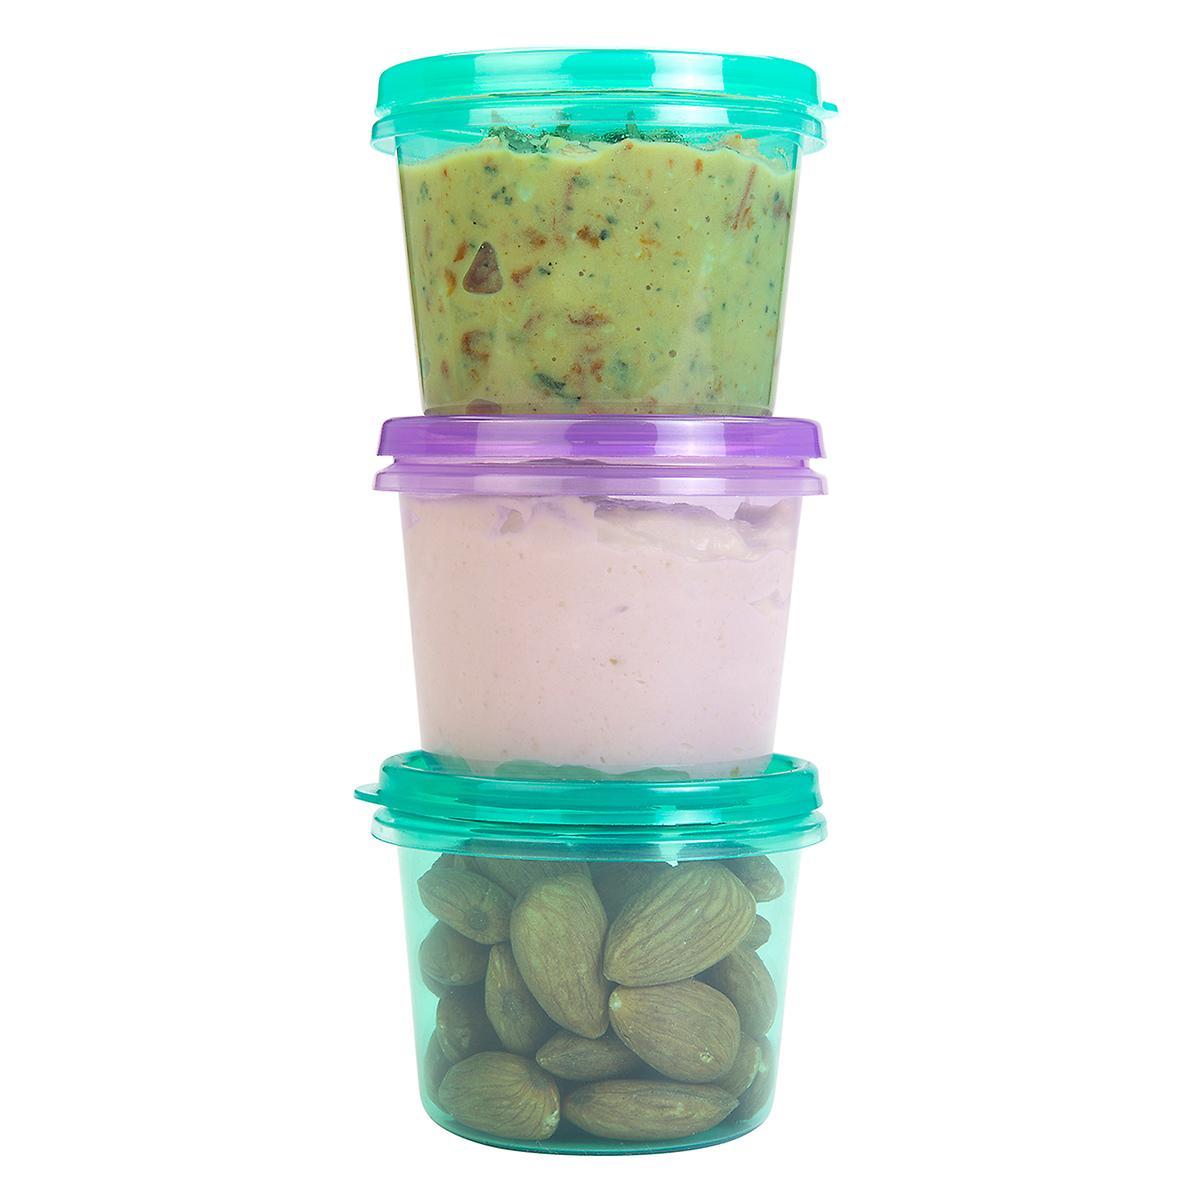 2.6 oz. Snack & Dip Tubs